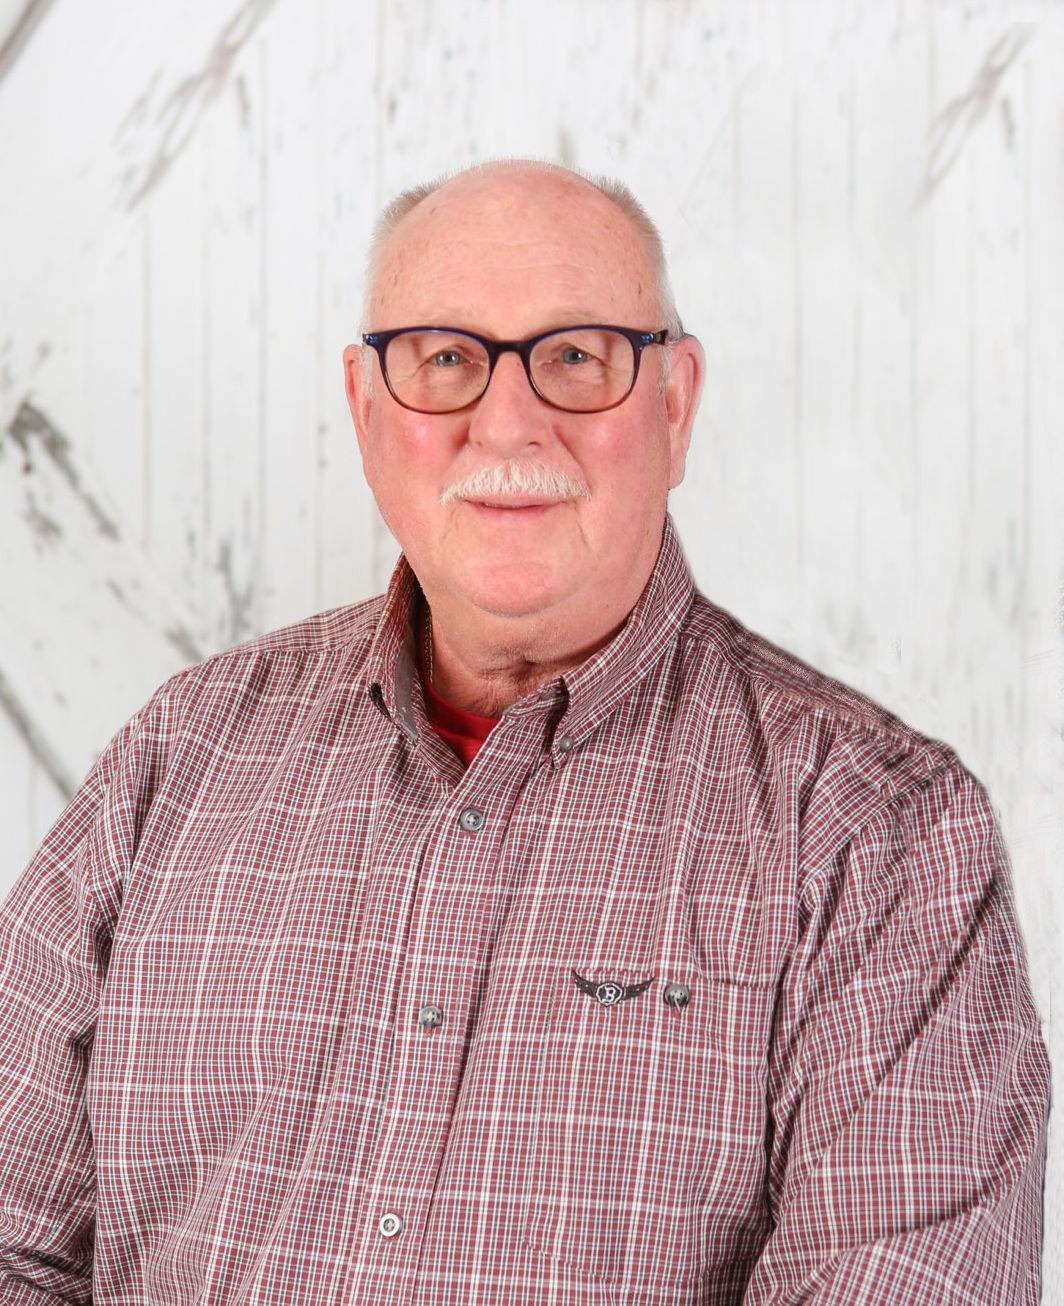 Denny Walstra